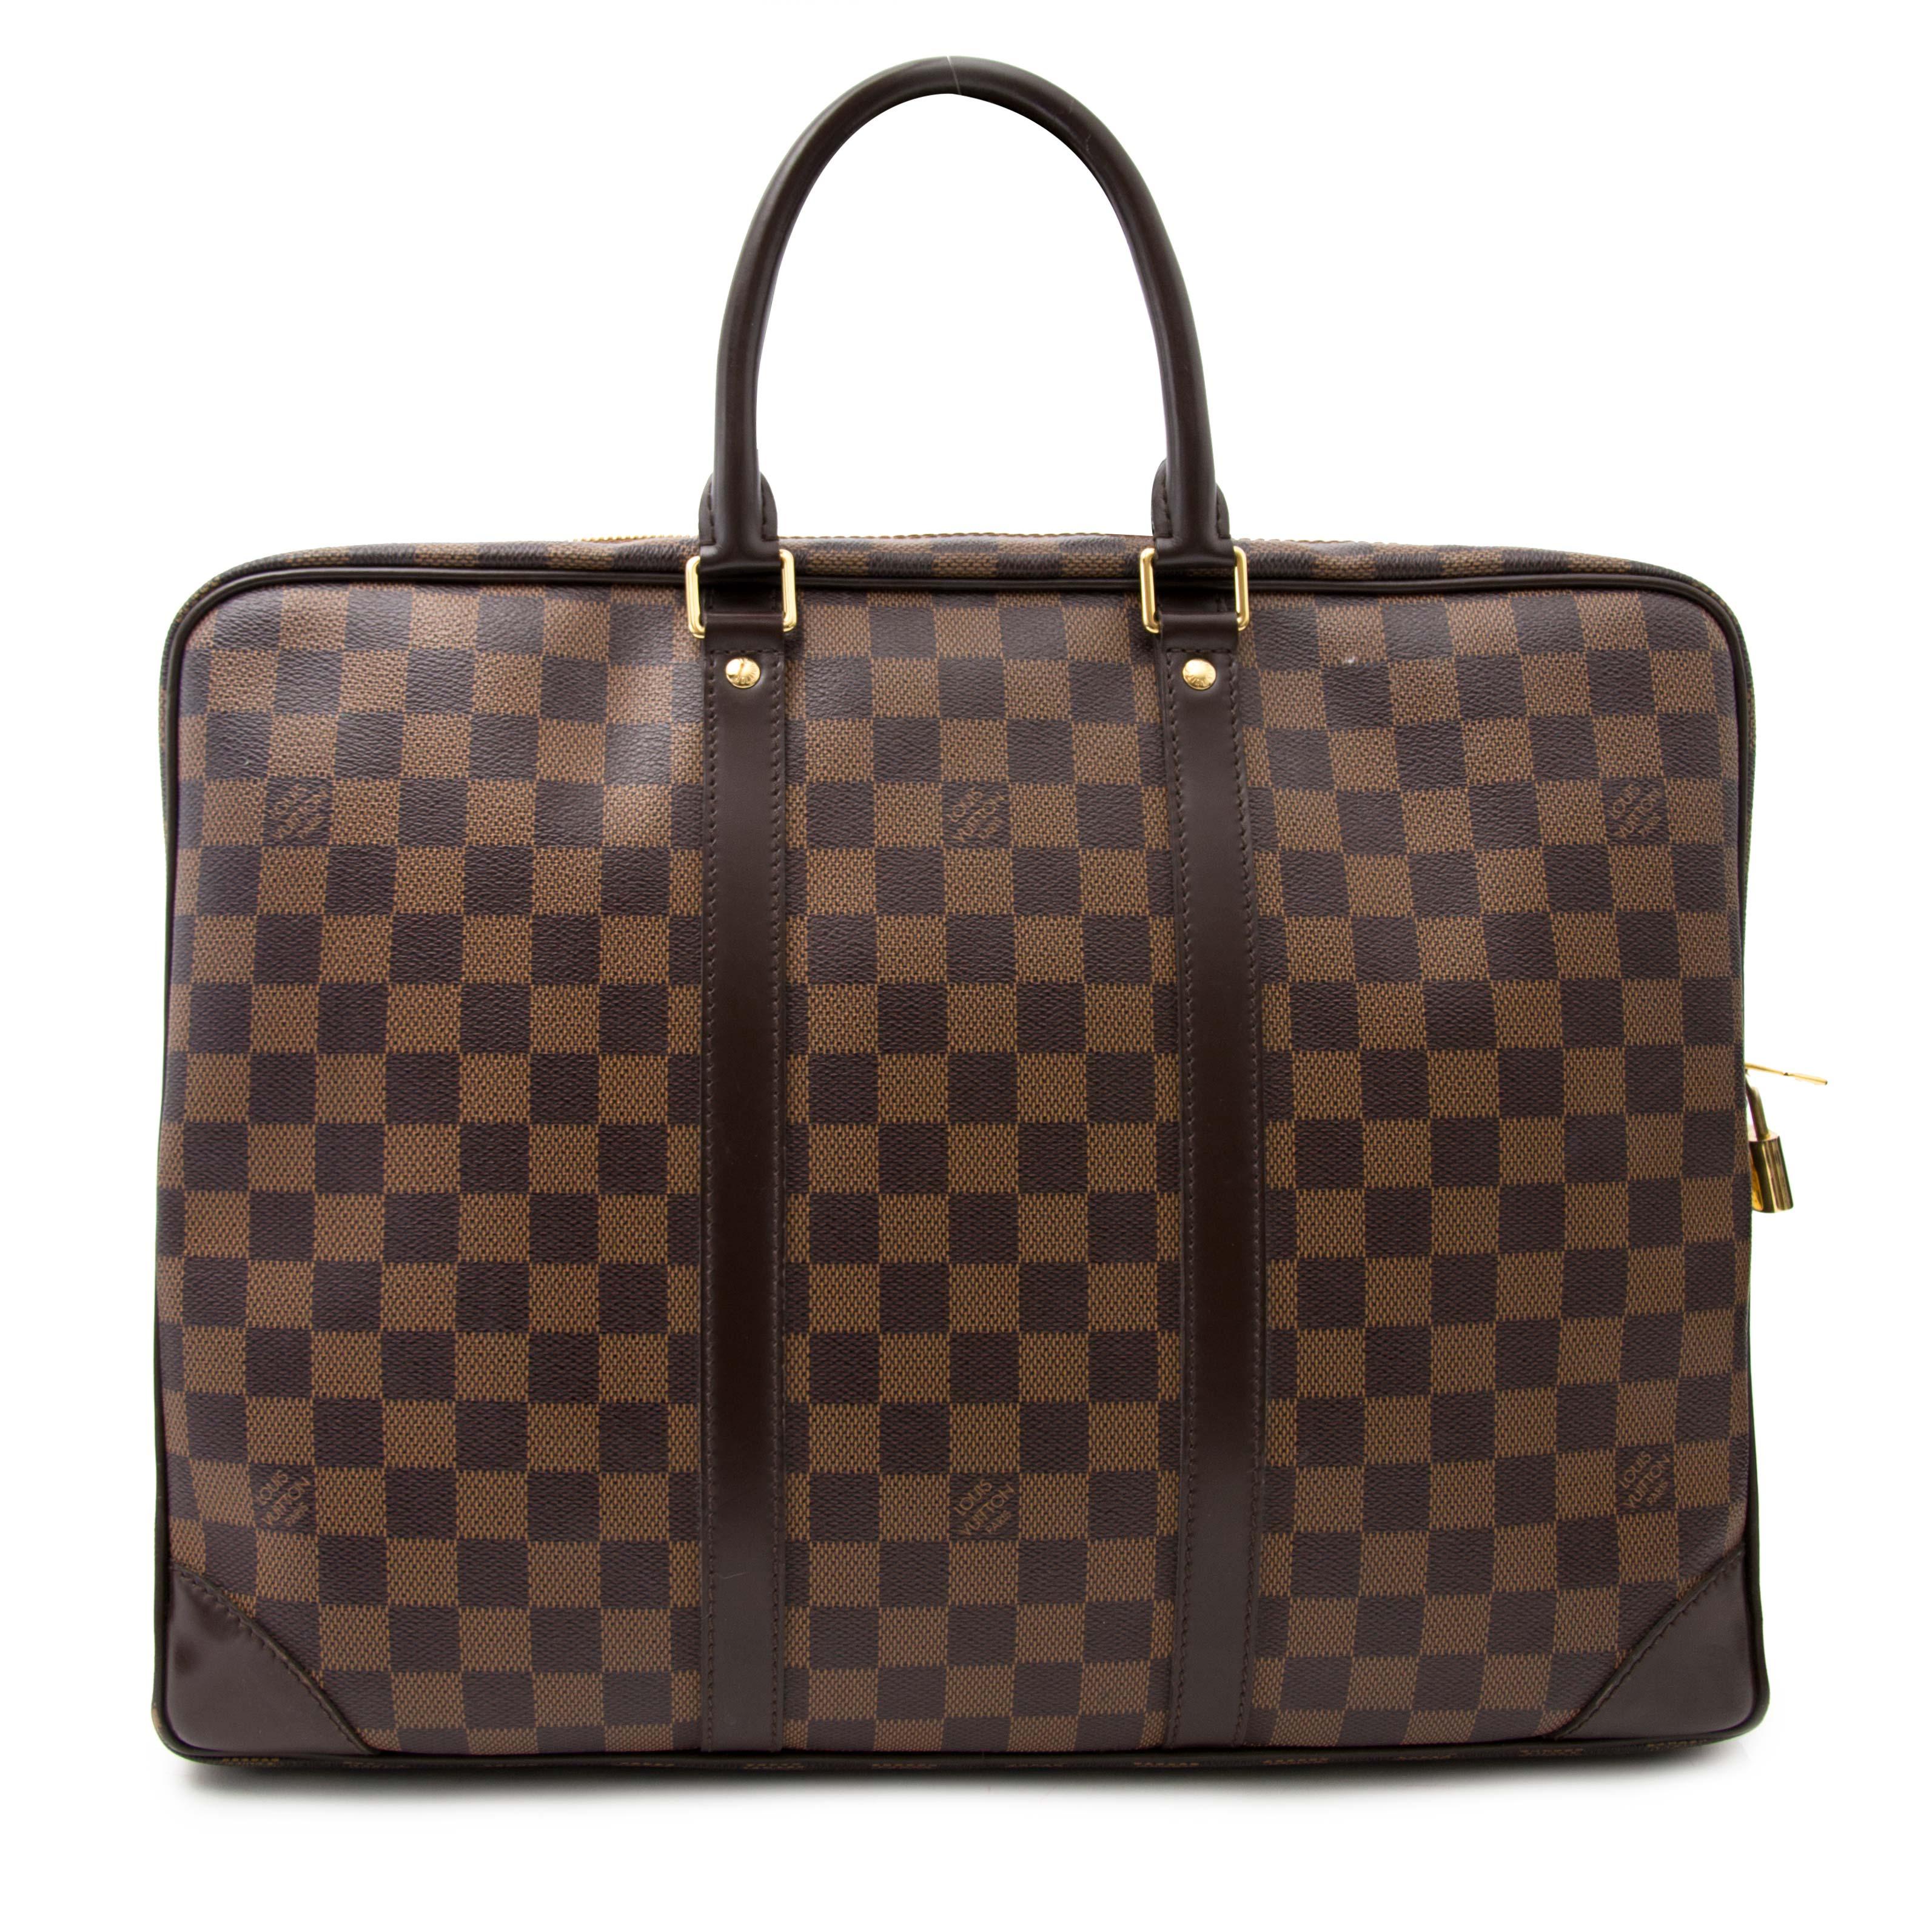 Achetez maintenant le Louis Vuitton Damier Ebene Porte-documents Voyage en ligne www.labellov.com, seconde main et luxe aux prix raisonnable.